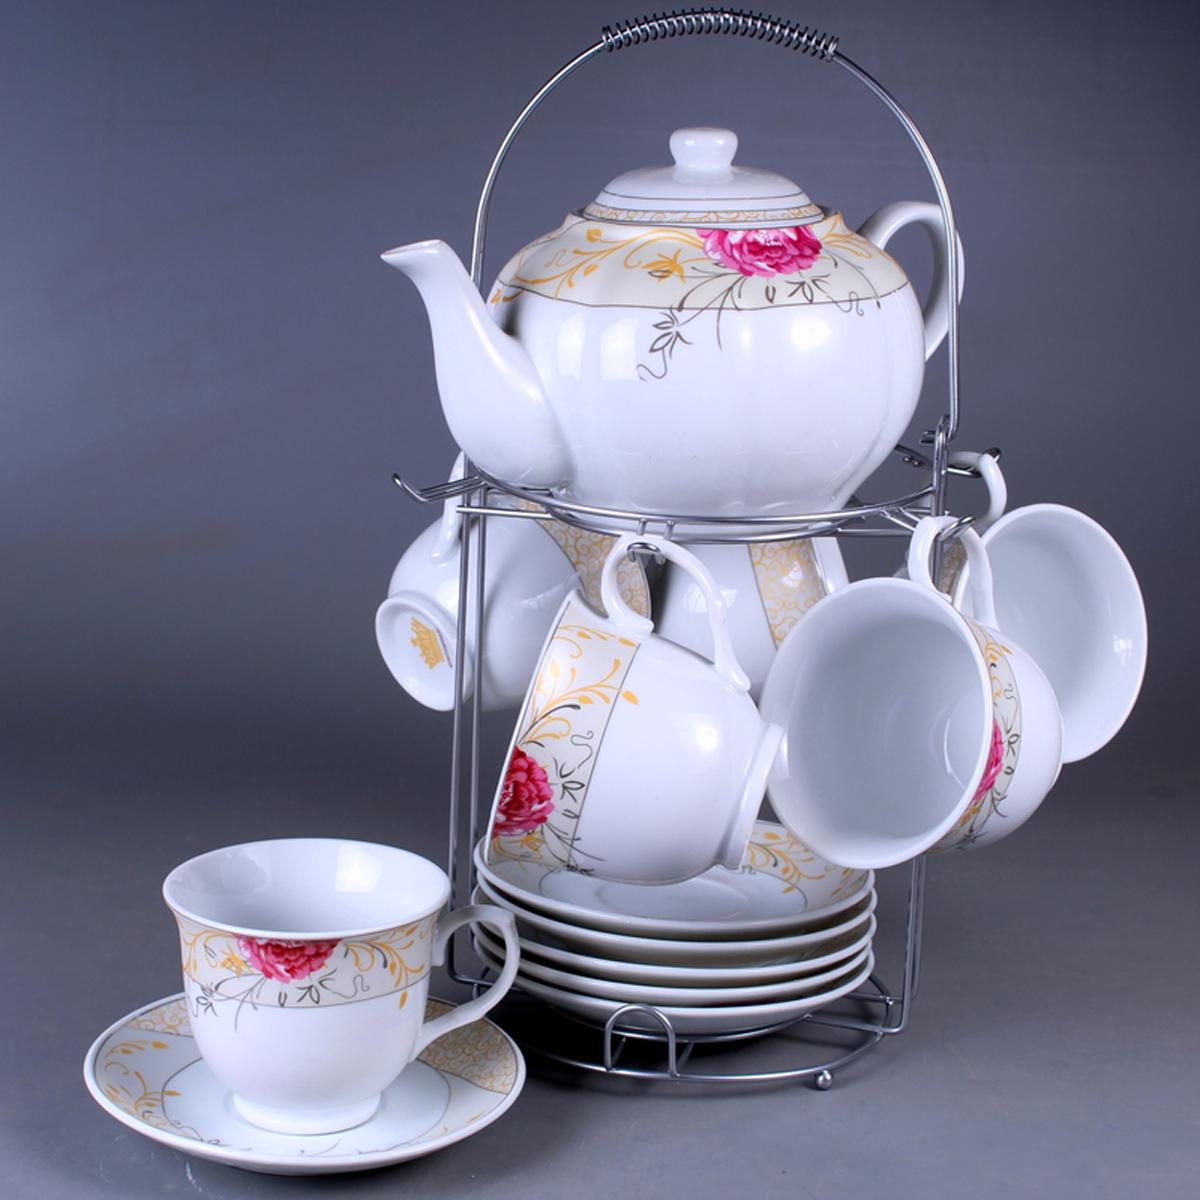 Набор чайный Olaff, на подставке, 13 предметов. SCS-13MS-011SCS-13MS-011Набор чайный, 13 предметов: 6 чашек 220 мл + 6 блюдец + чайник 1200 мл